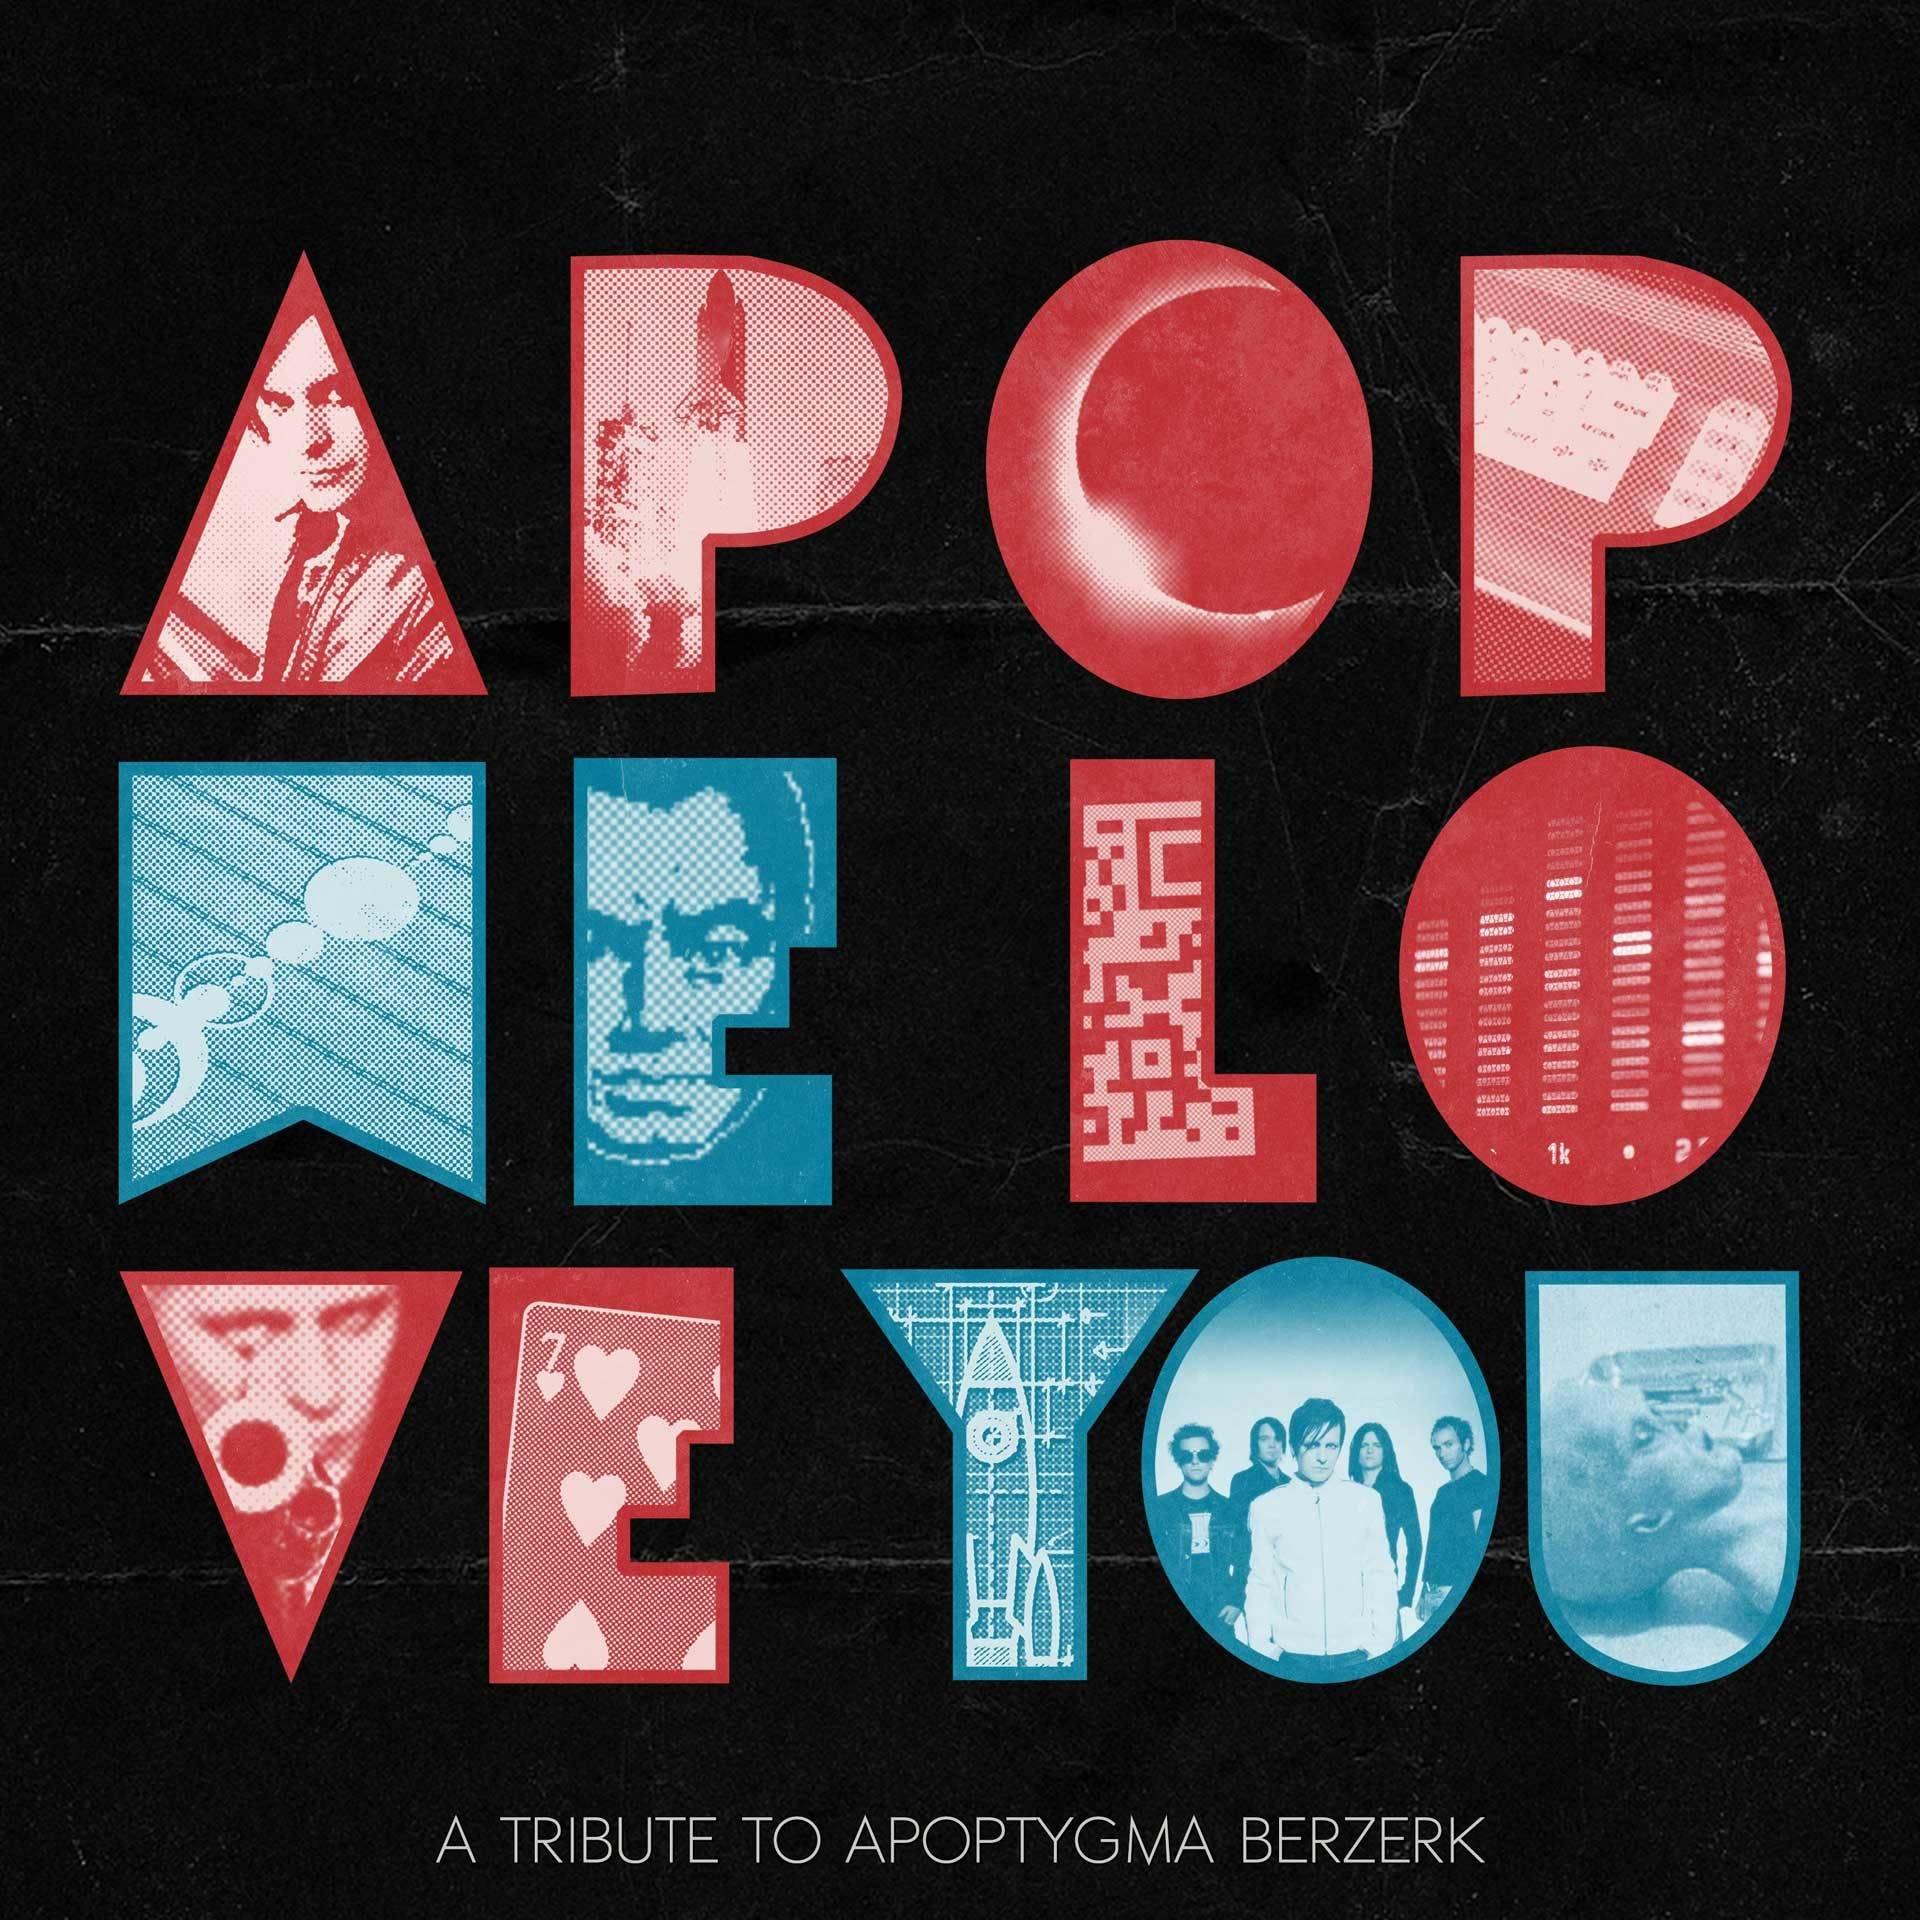 Apop We Love You (A Tribute To Apoptygma Berzerk)